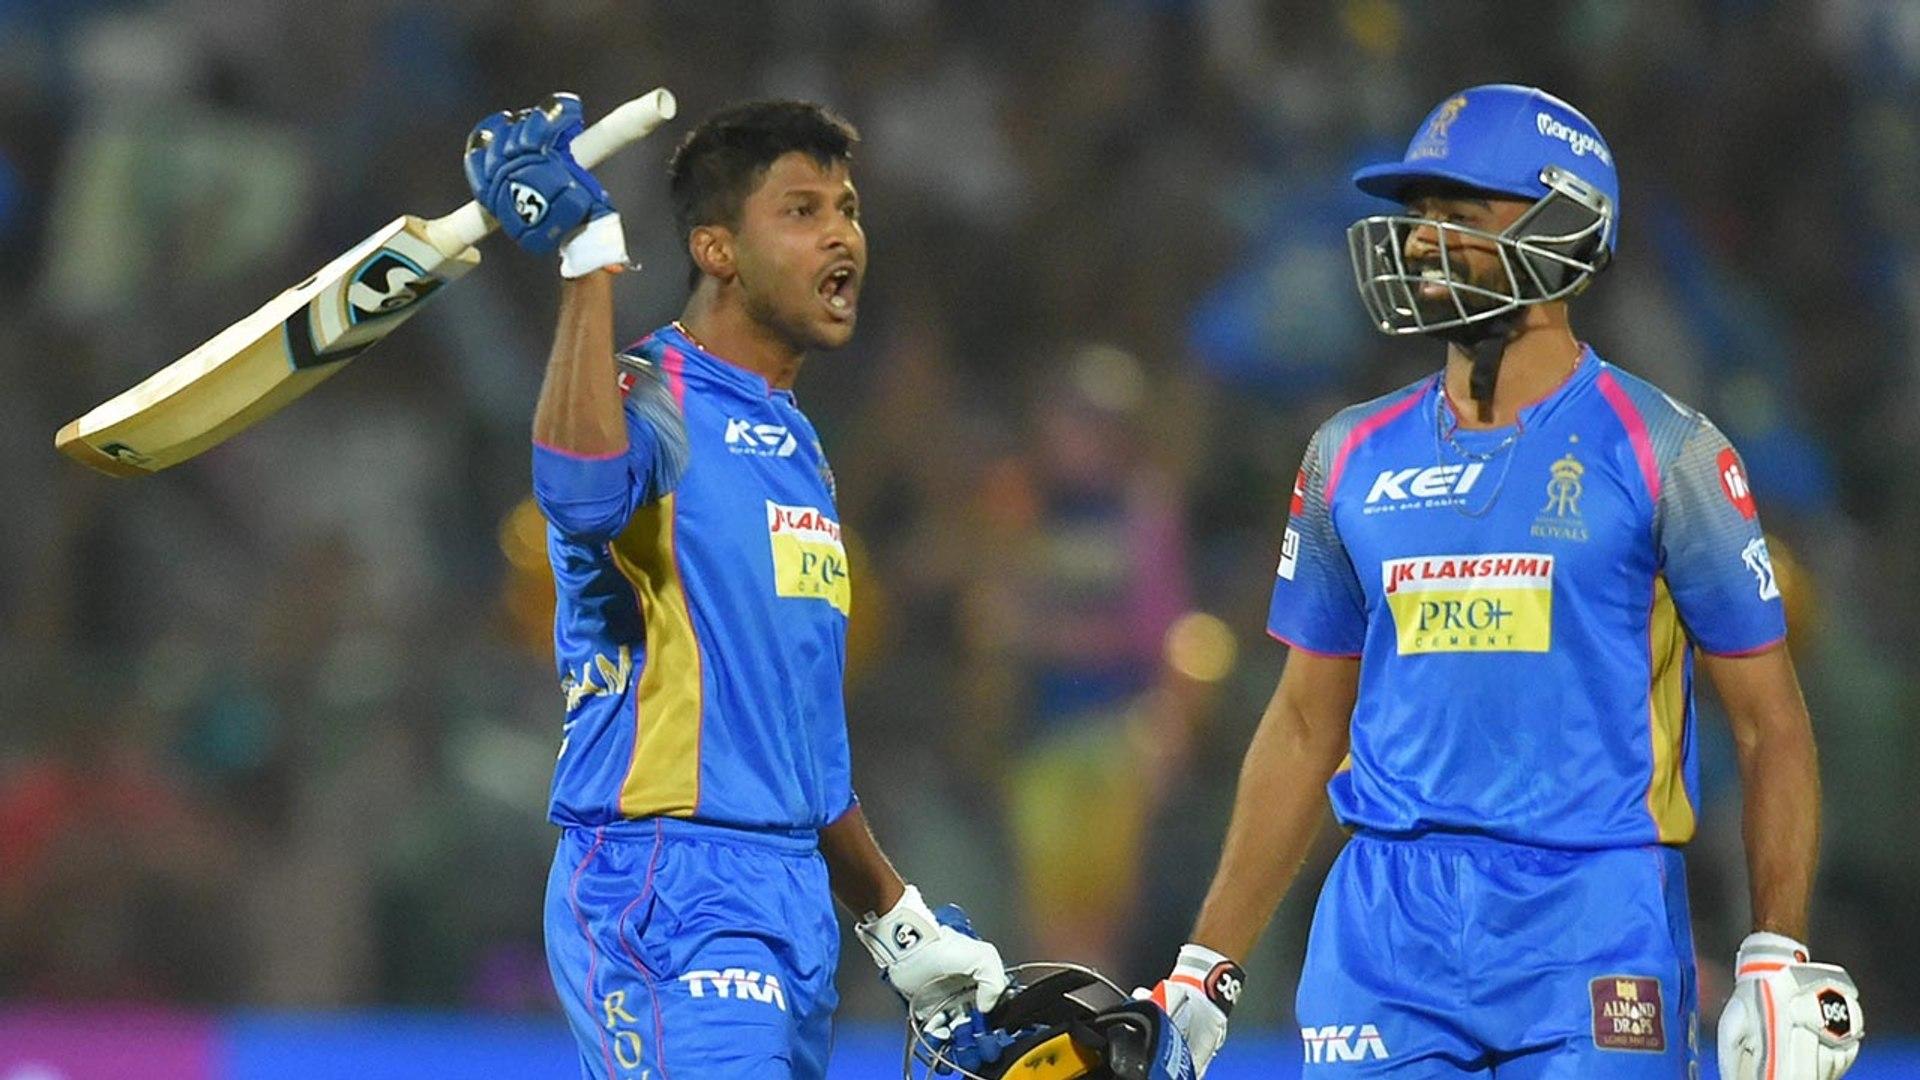 आईपीएल 2020: राजस्थान रॉयल्स ने ऑलराउंडर कृष्णप्पा गौतम को इस टीम से किया ट्रेड 1